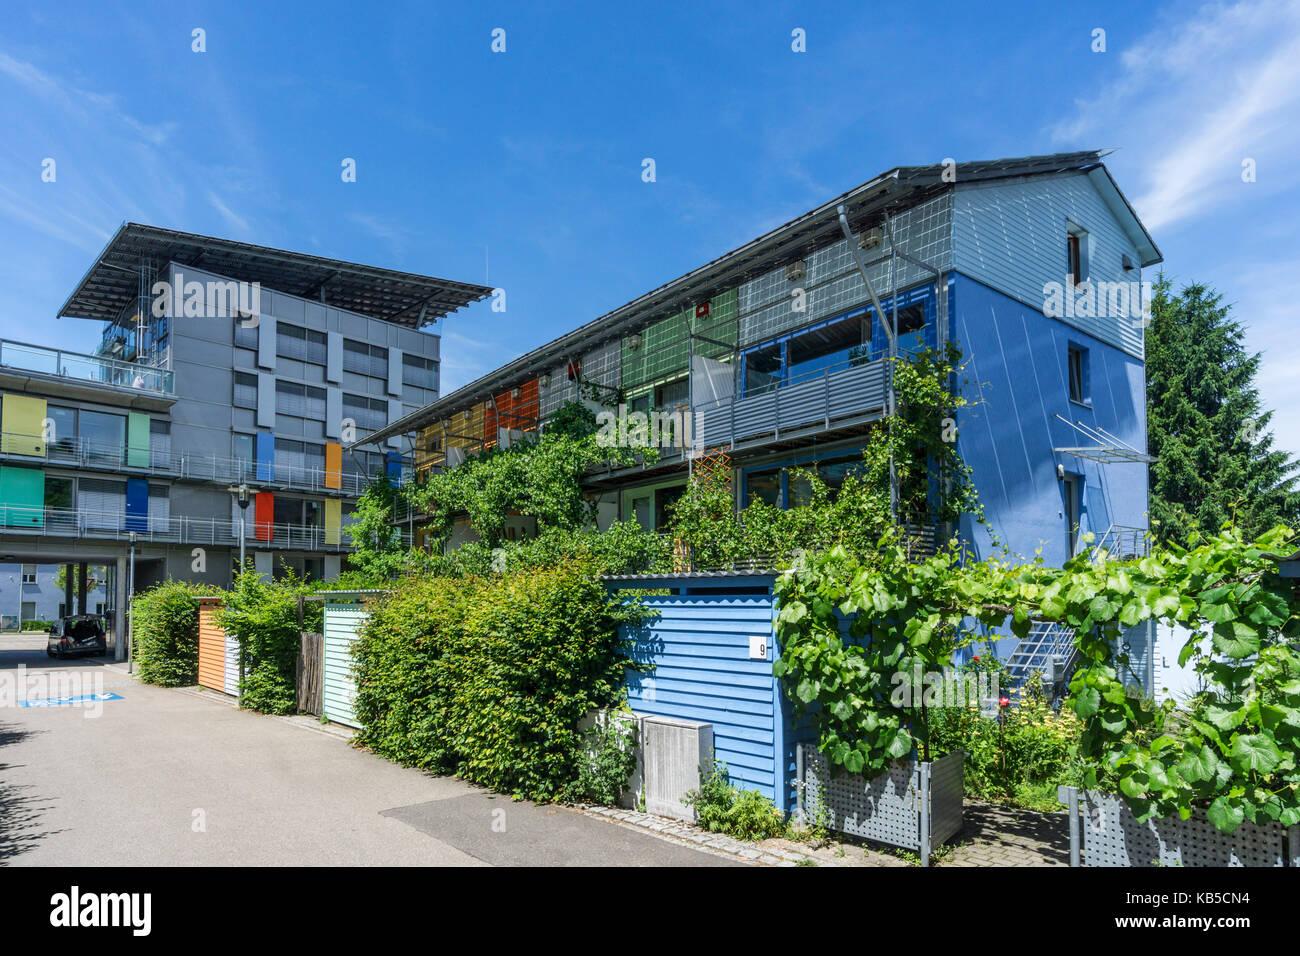 solar community, Vauban, Freiburg, Baden-Wuerttemberg, Germany, Europe - Stock Image